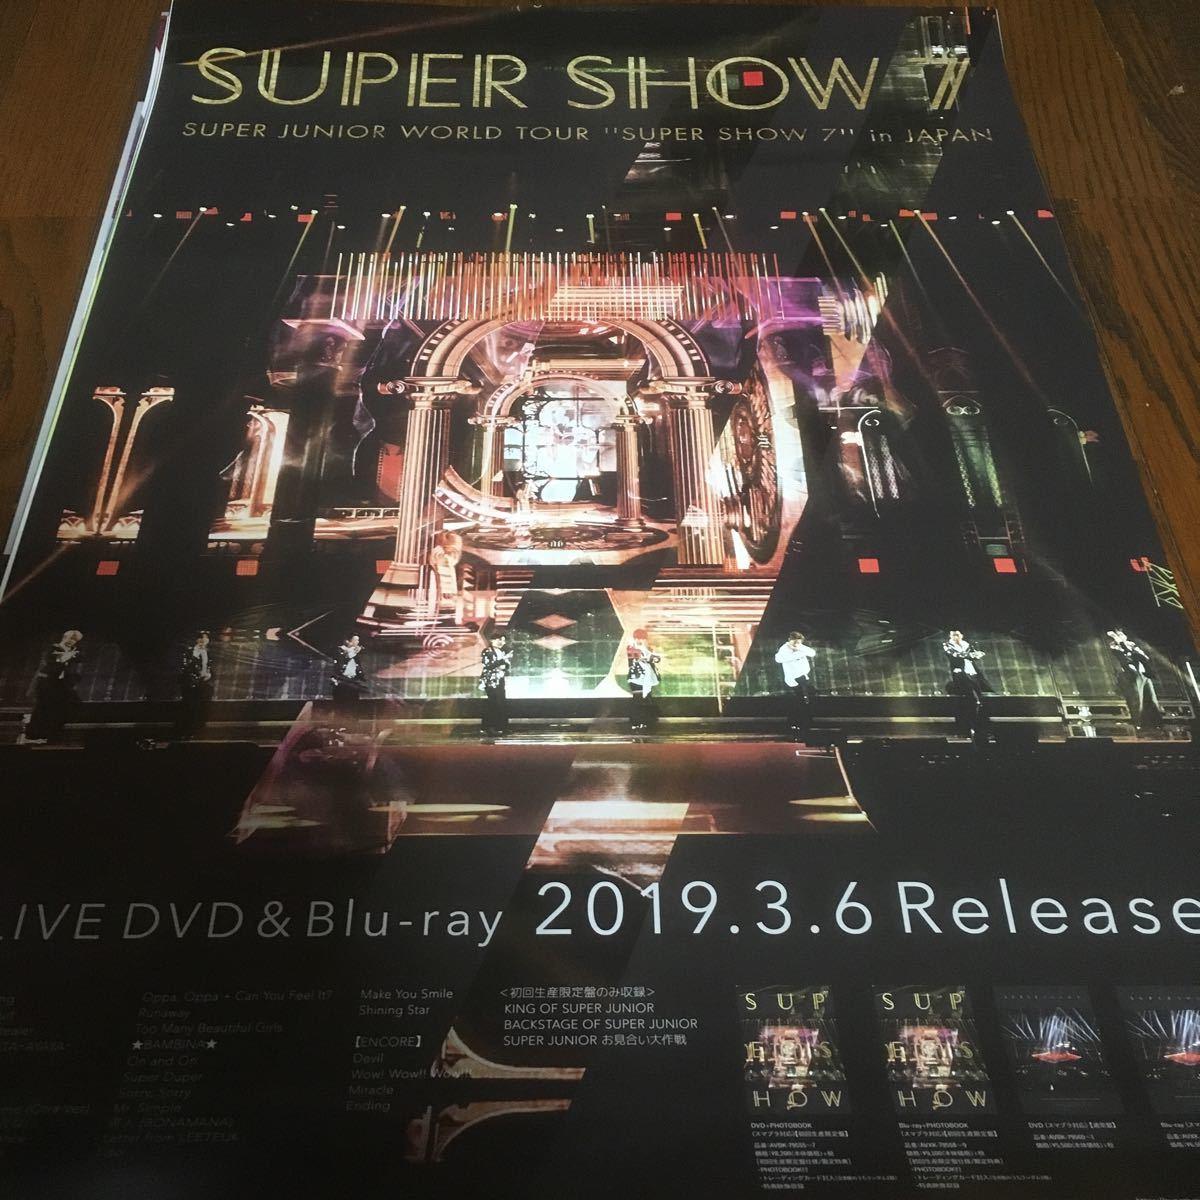 代購代標第一品牌- 樂淘letao - ポスター☆SUPER JUNIOR SUPER SHOW 7